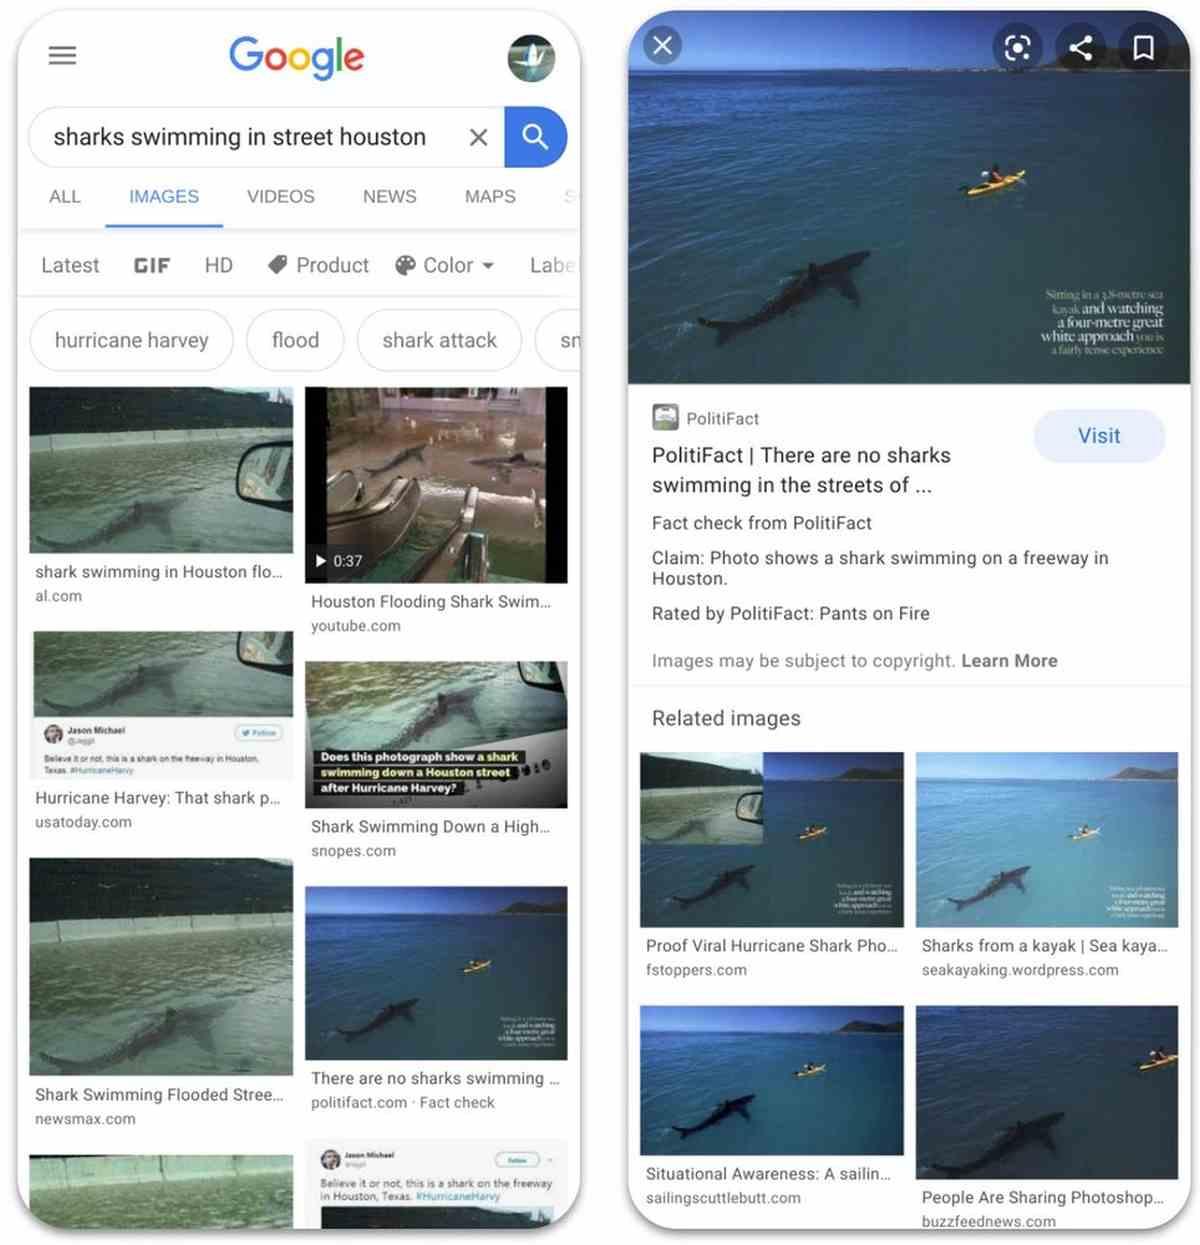 Google extiende la verificación de hechos a las búsquedas de imágenes